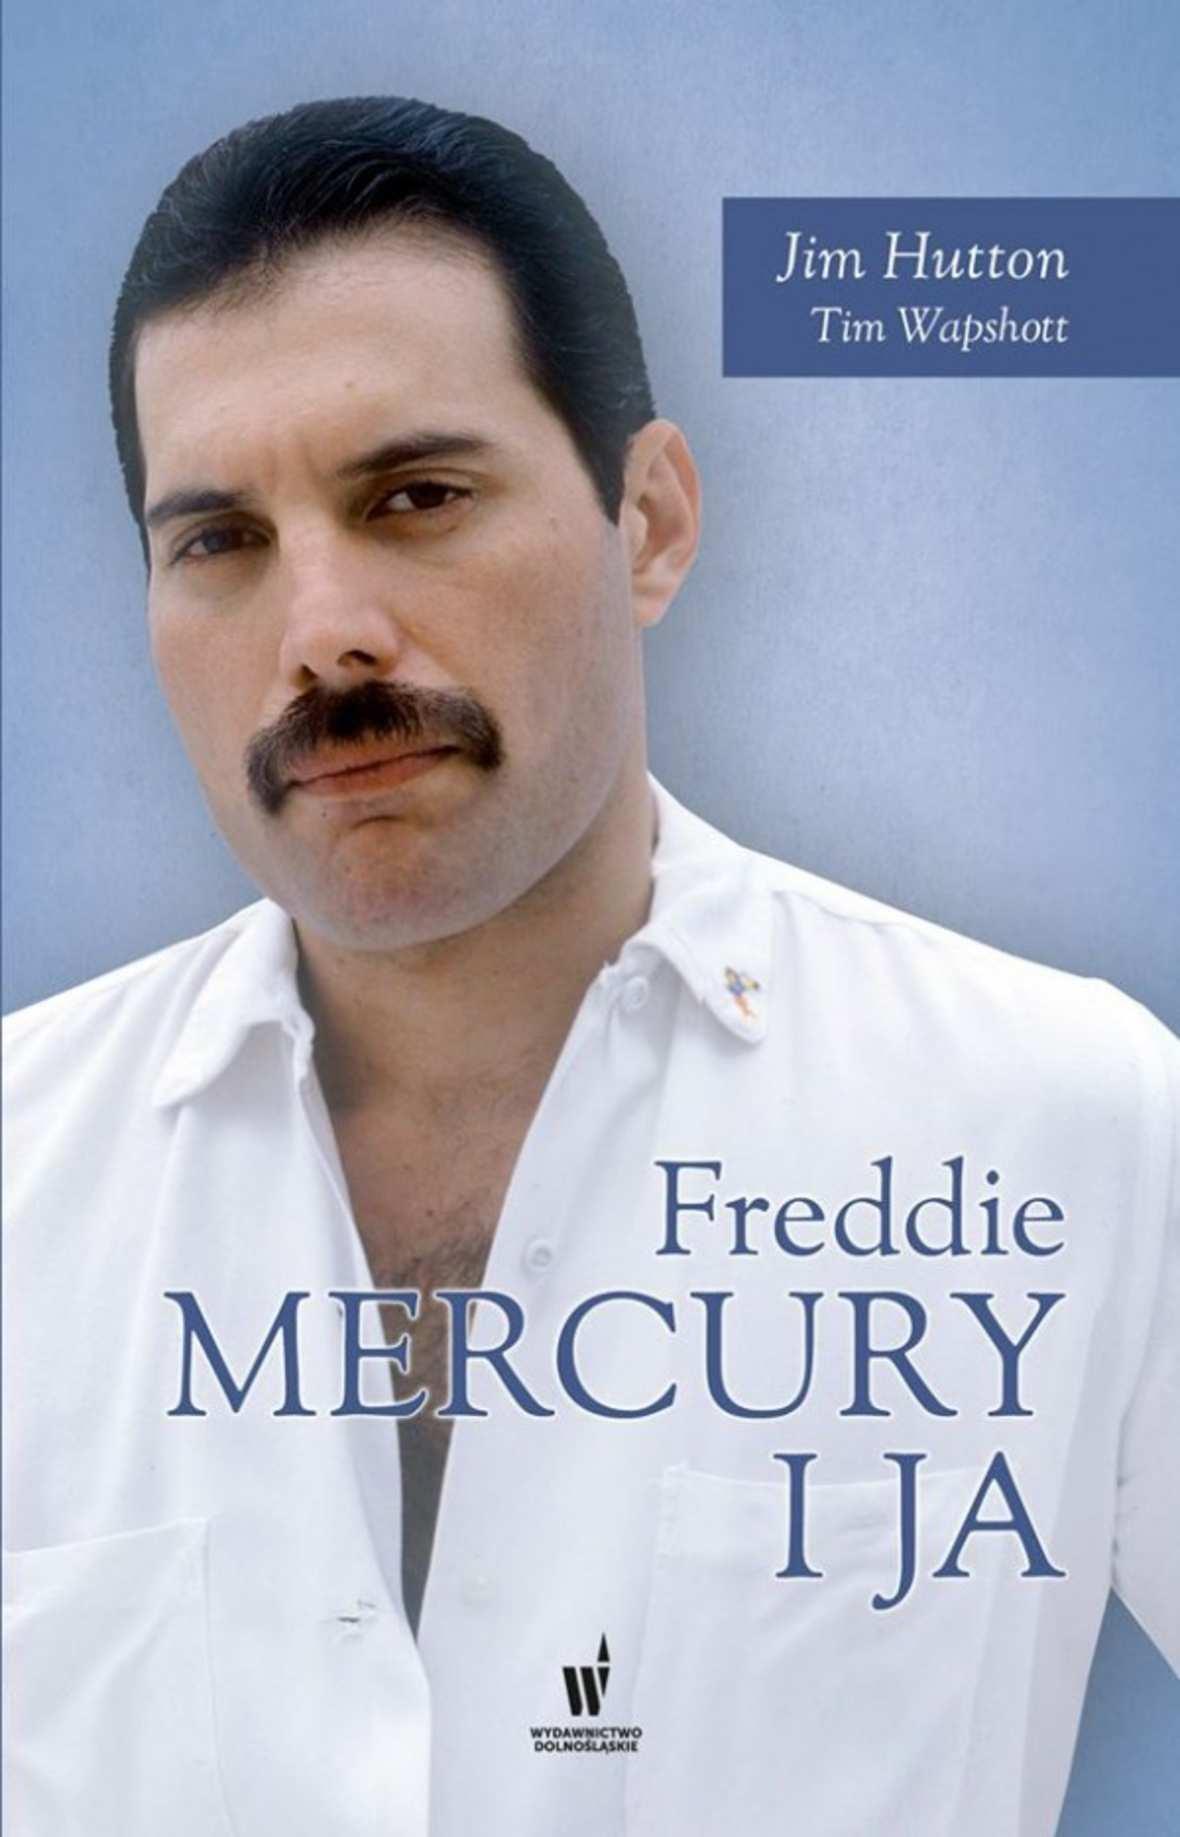 zycie-freddiego-mercury-ego-w-ksiazce-jego-partnera_article